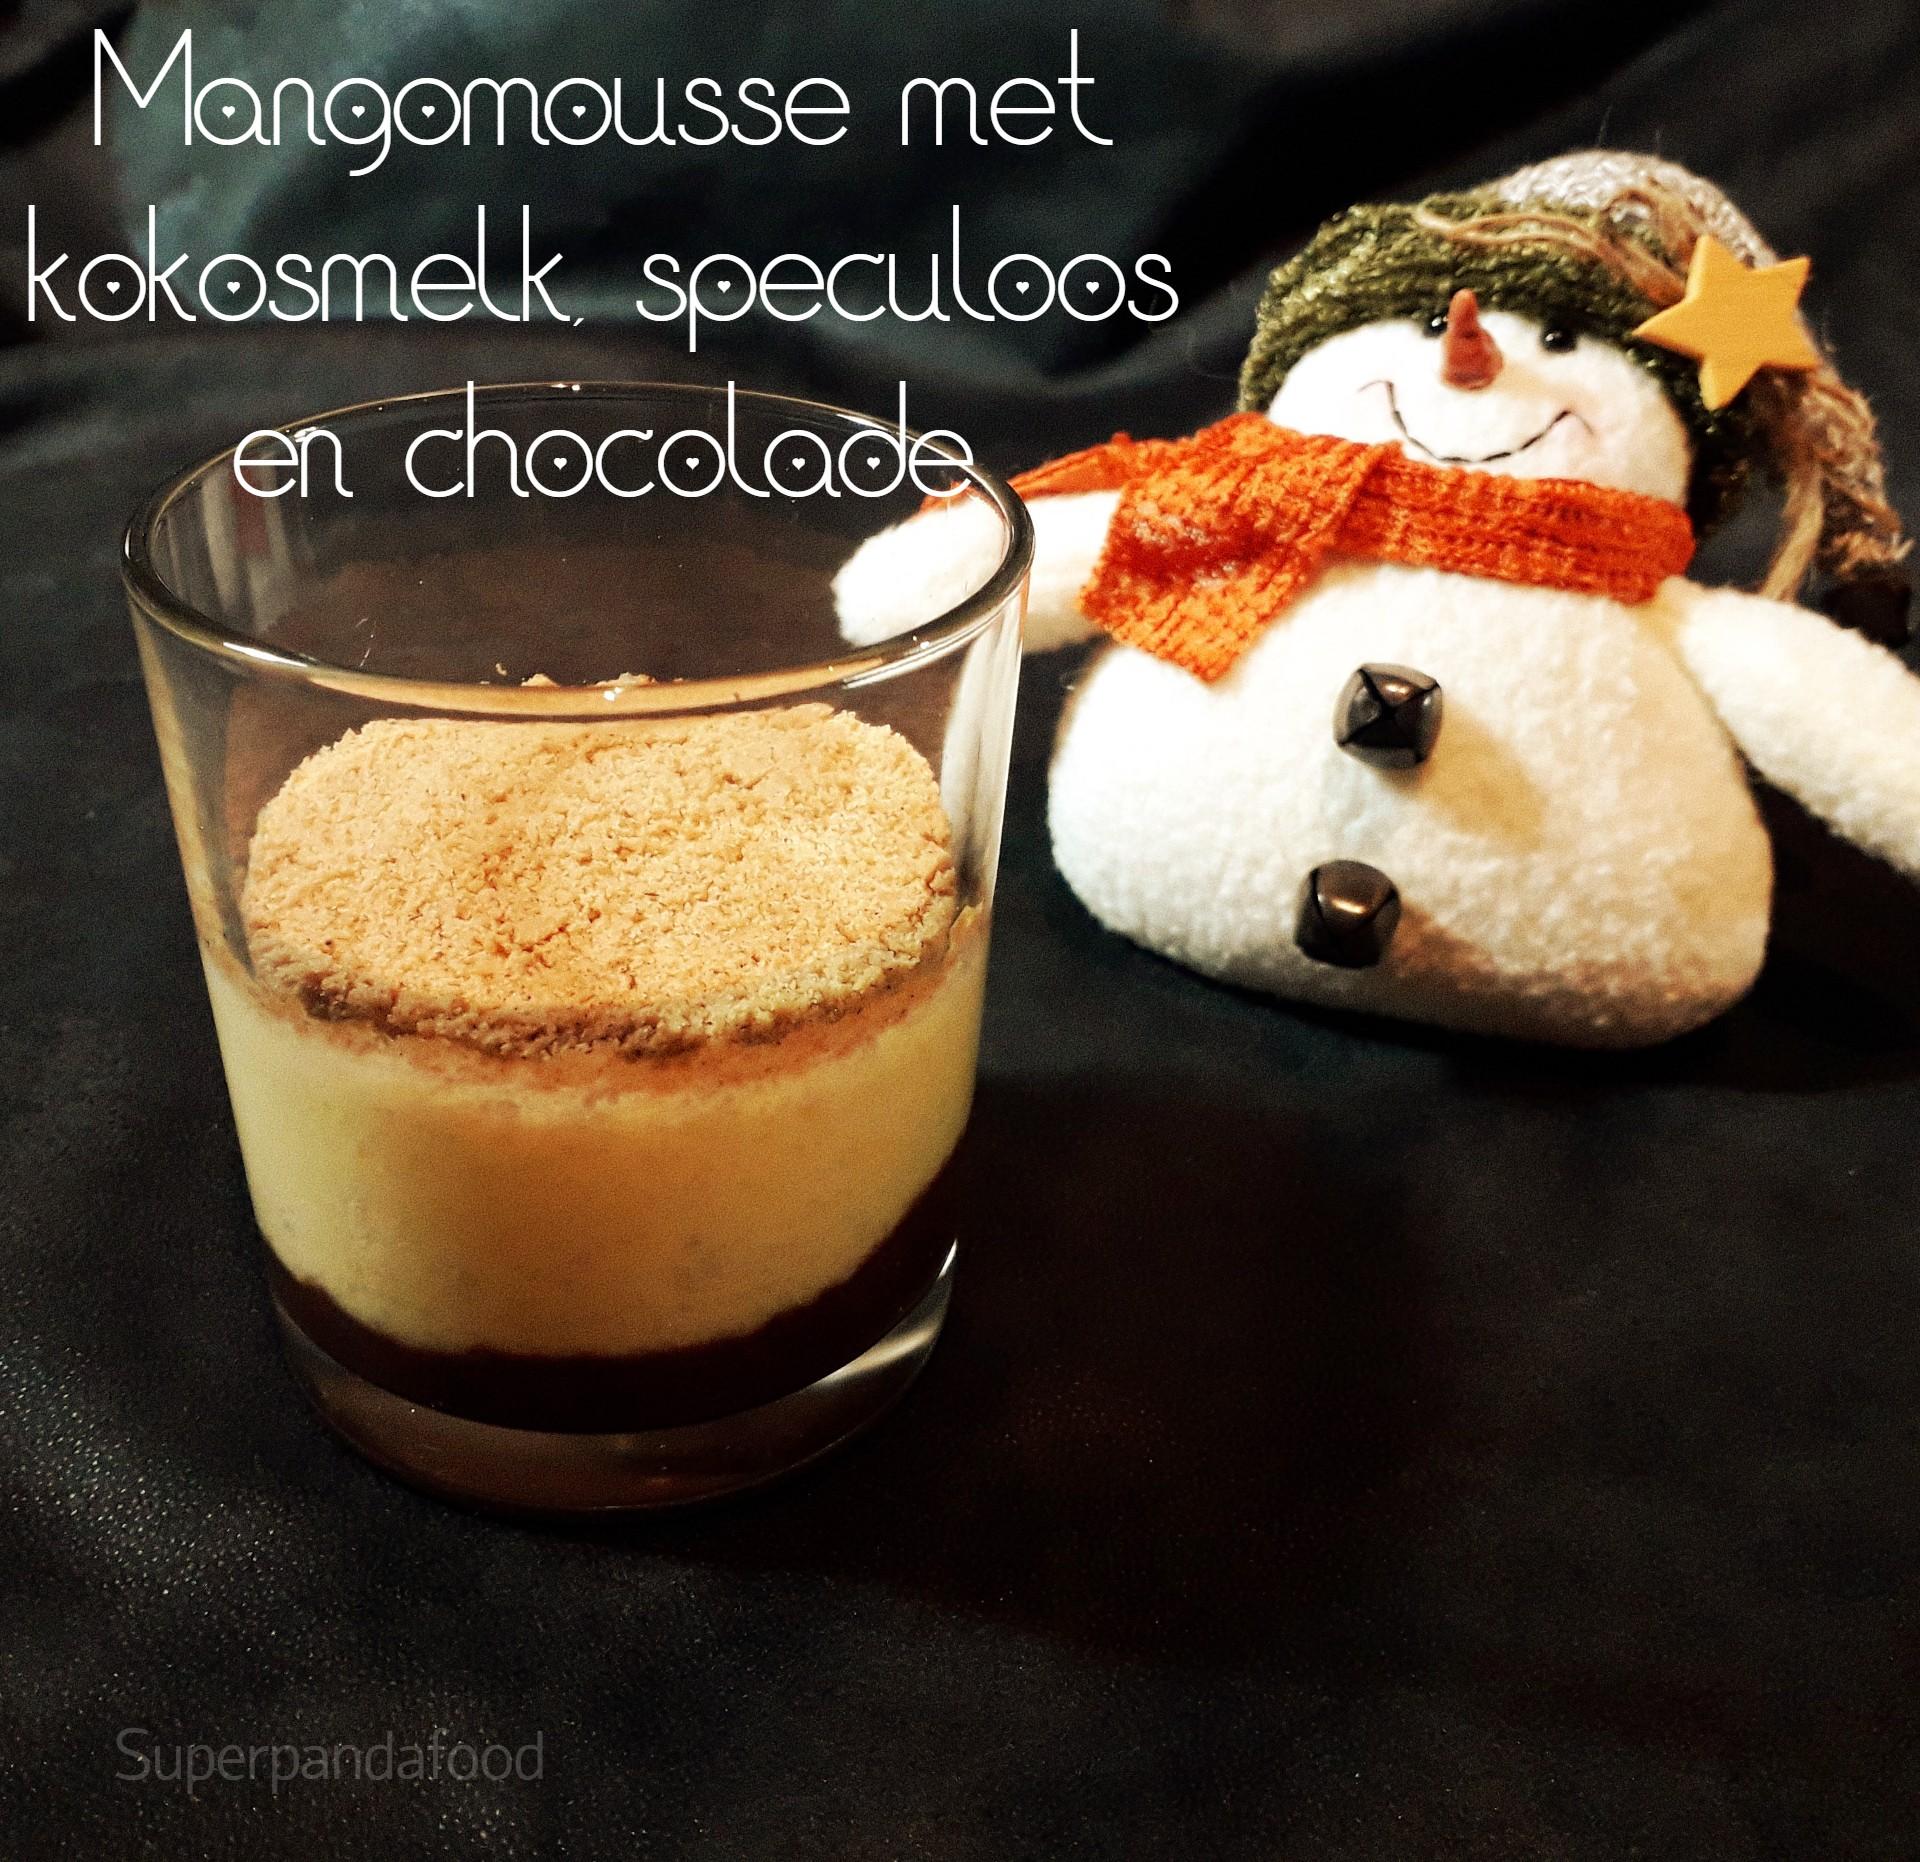 Mangomousse met kokosmelk, speculoos en chocolade - Glutenvrij, lactosevrij en vegan recept